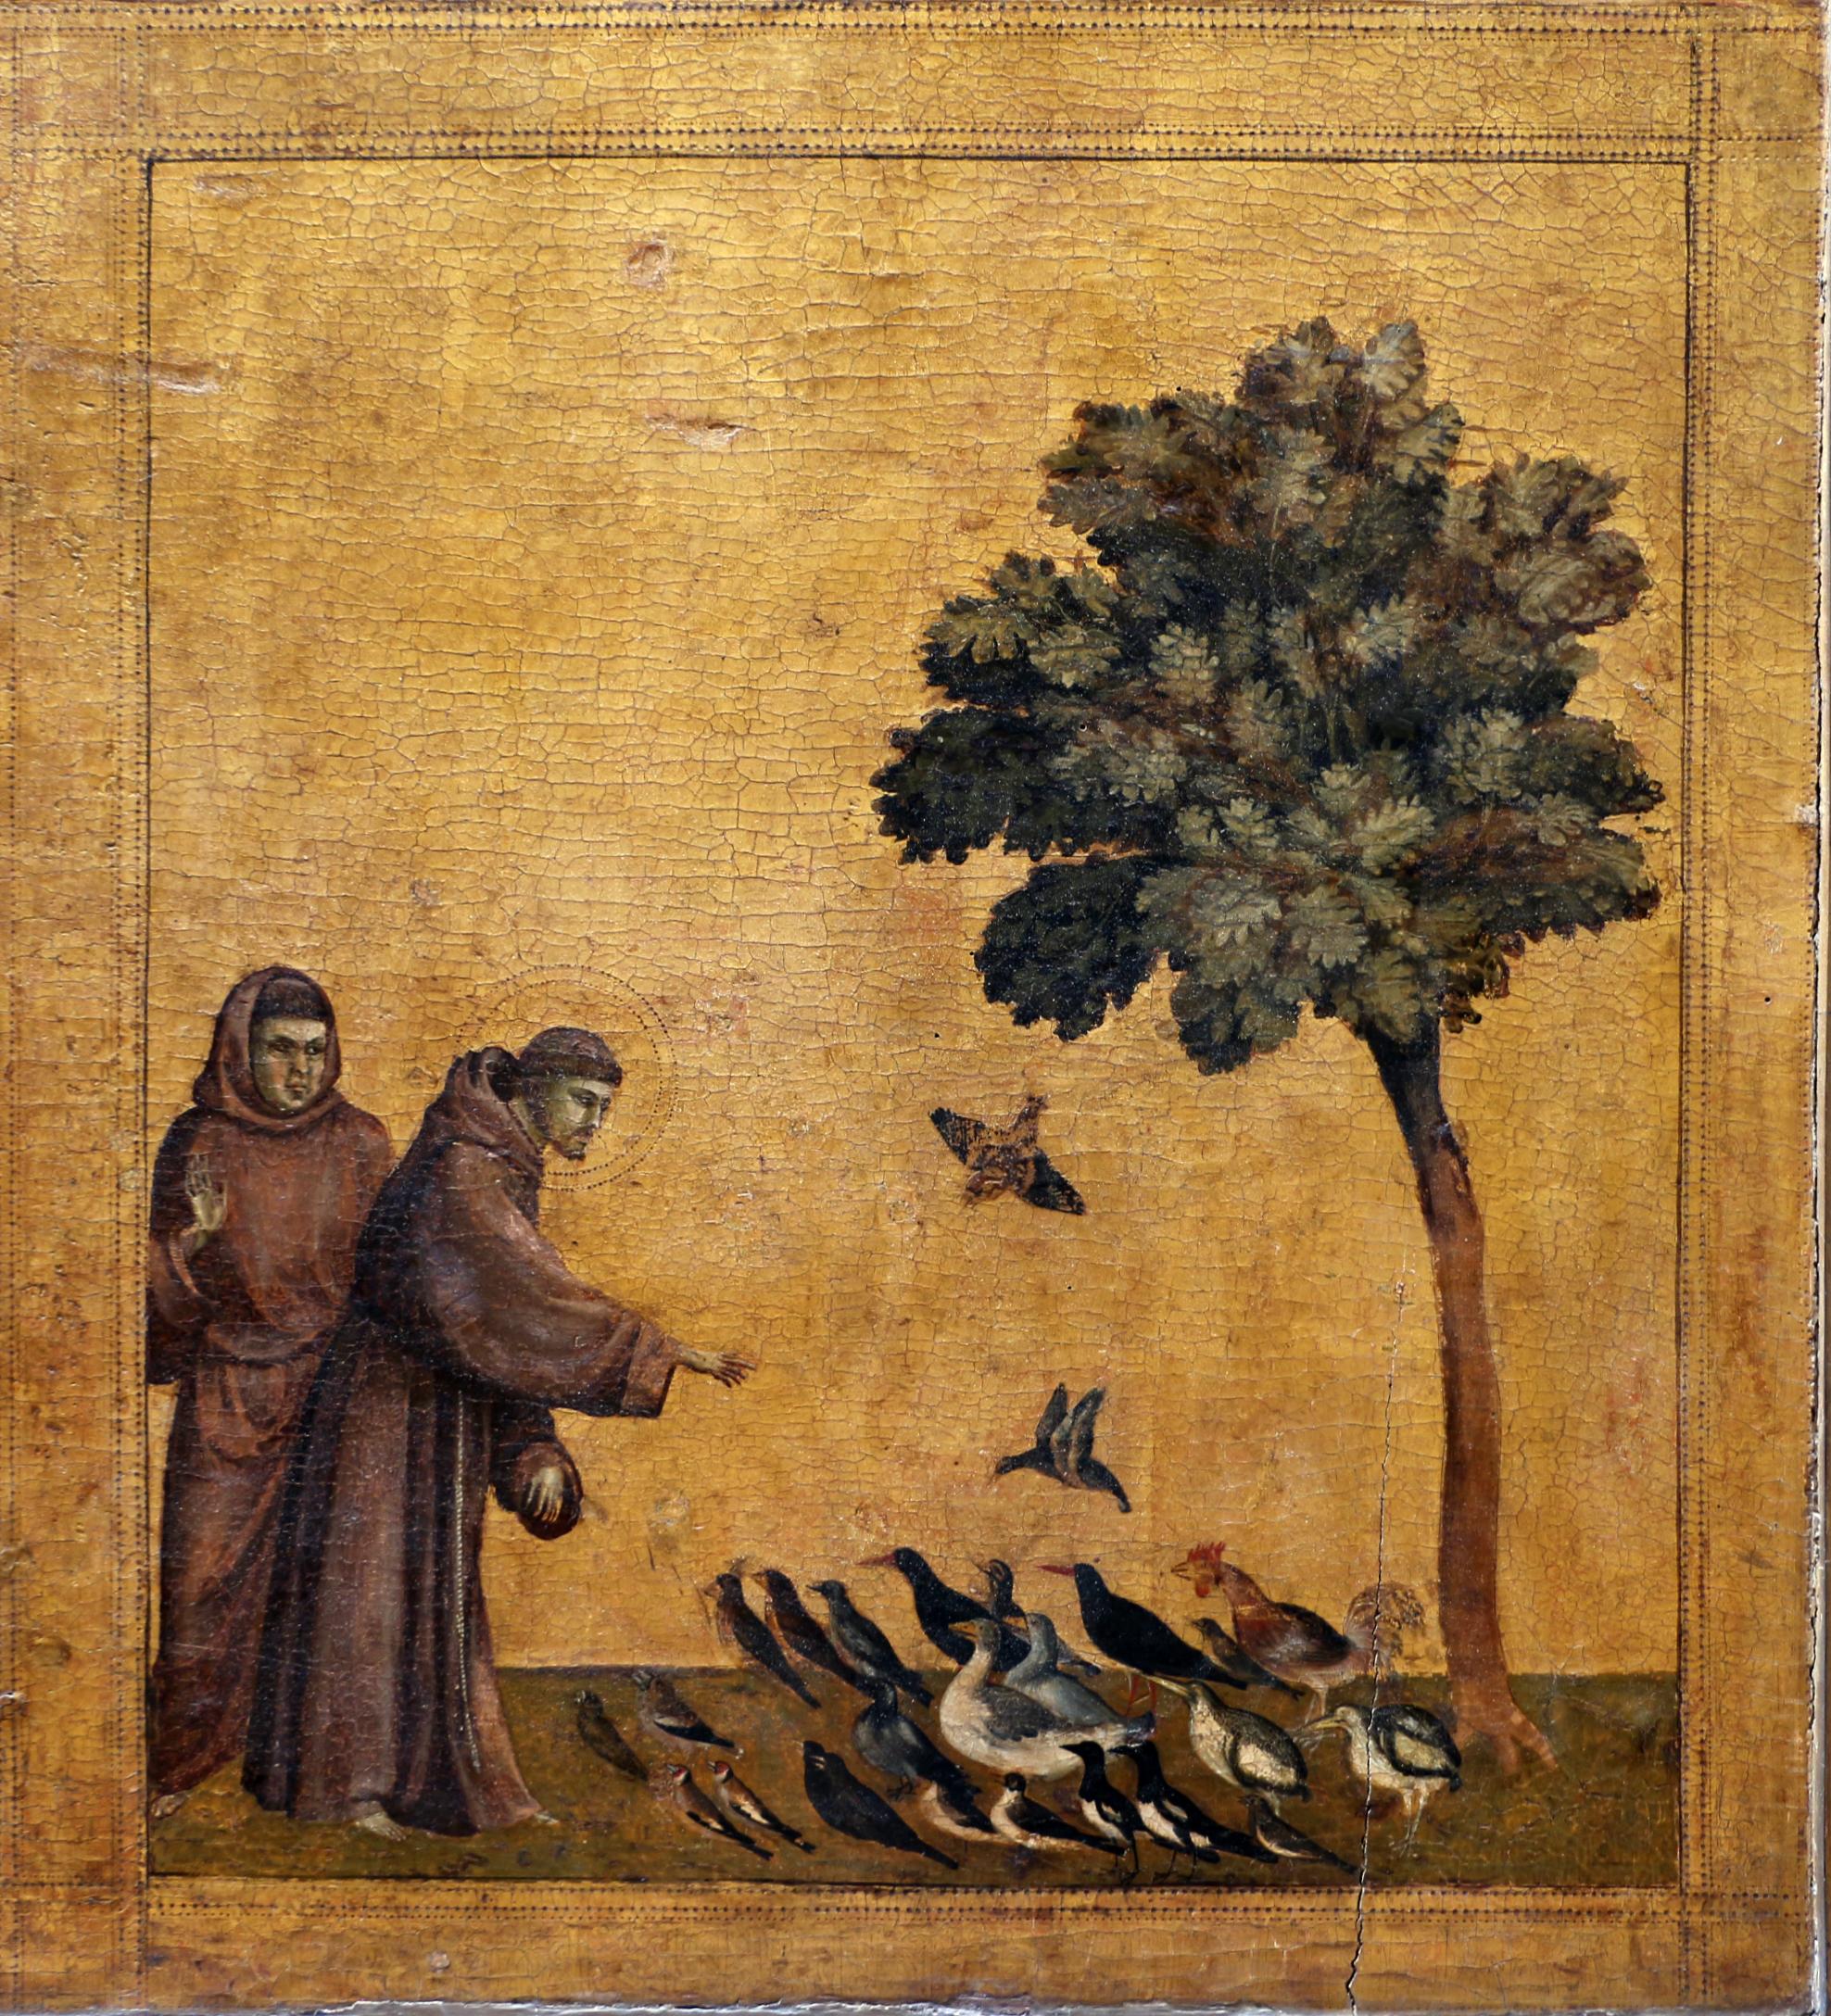 File:Giotto, predica agli uccelli, 1297-99 ca., 01.